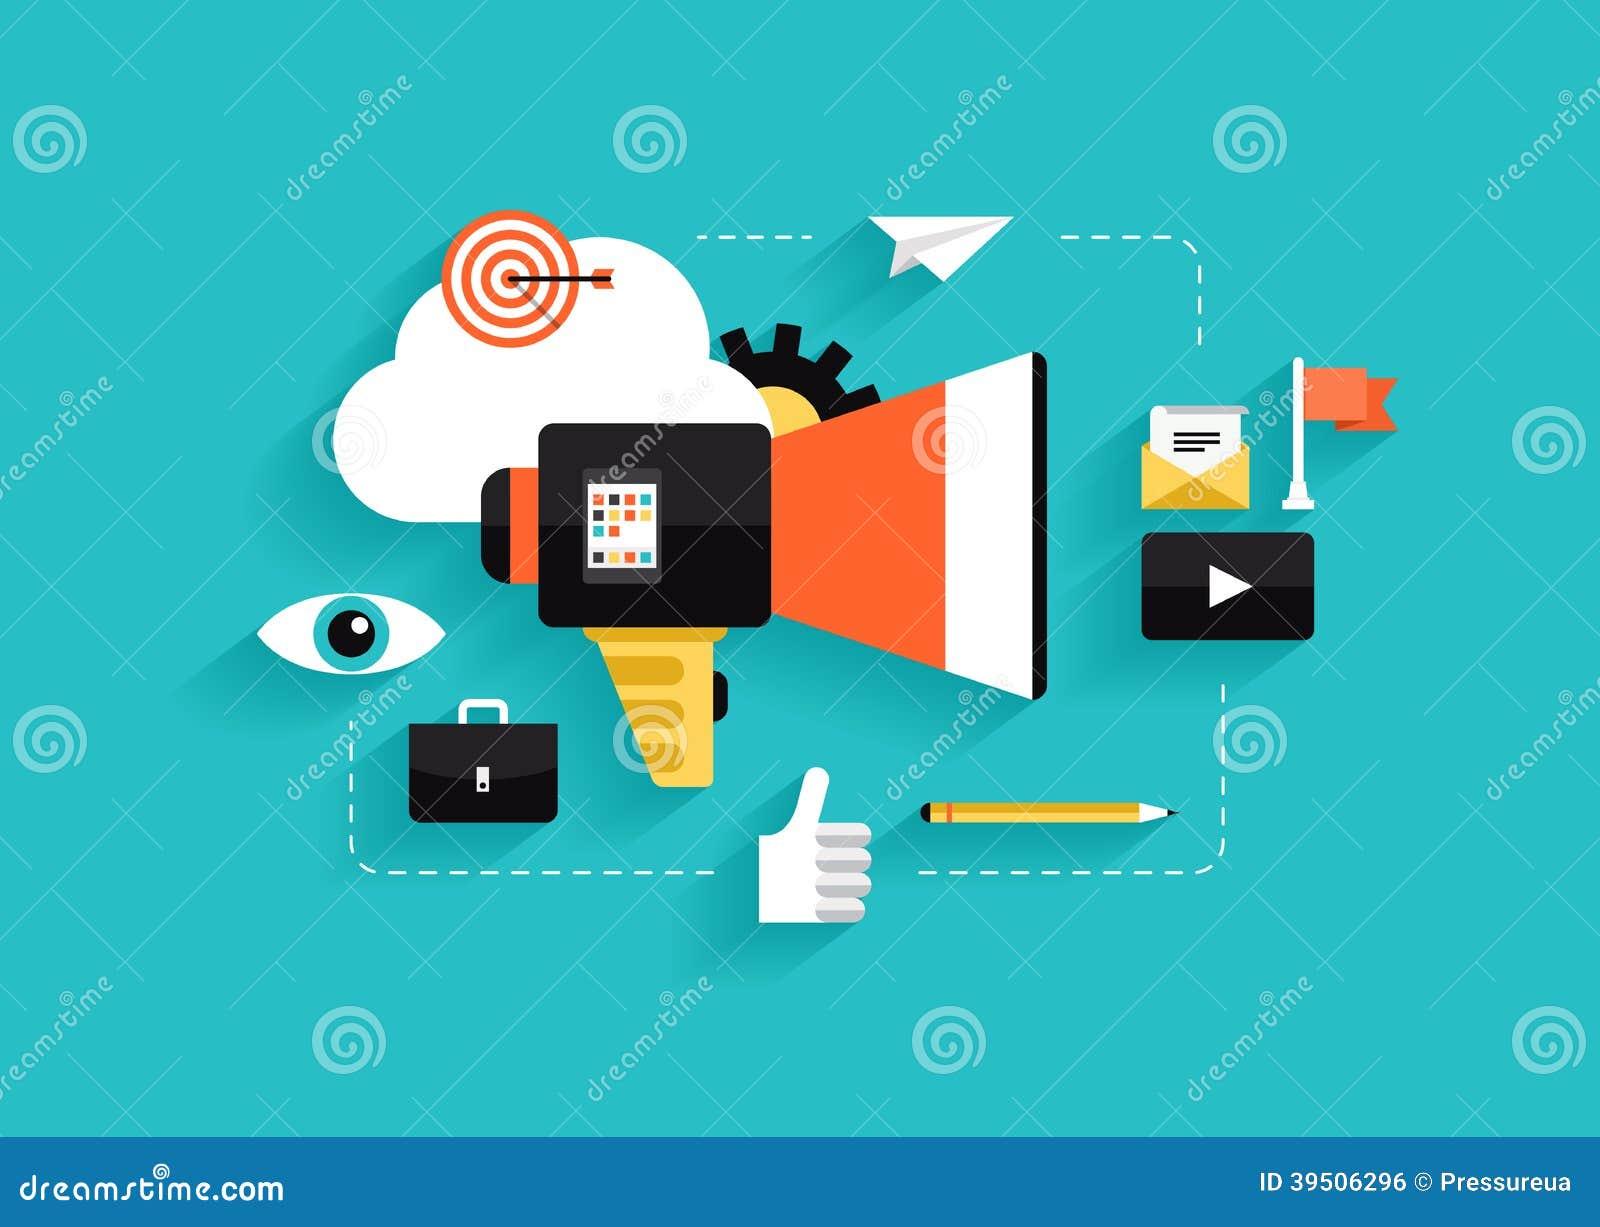 Social media marketing flat illustration